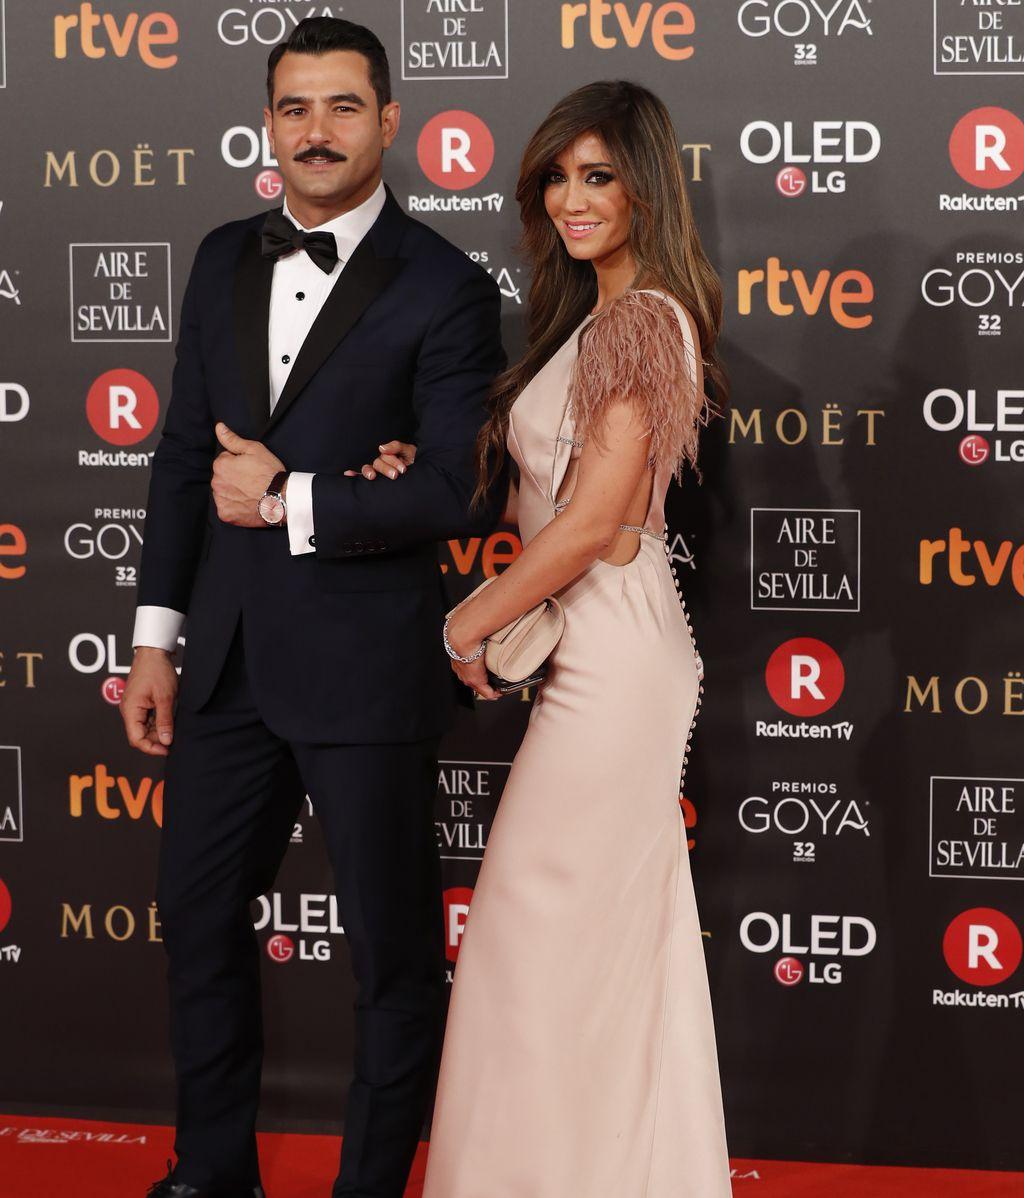 Antonio Velázquez y Marta González